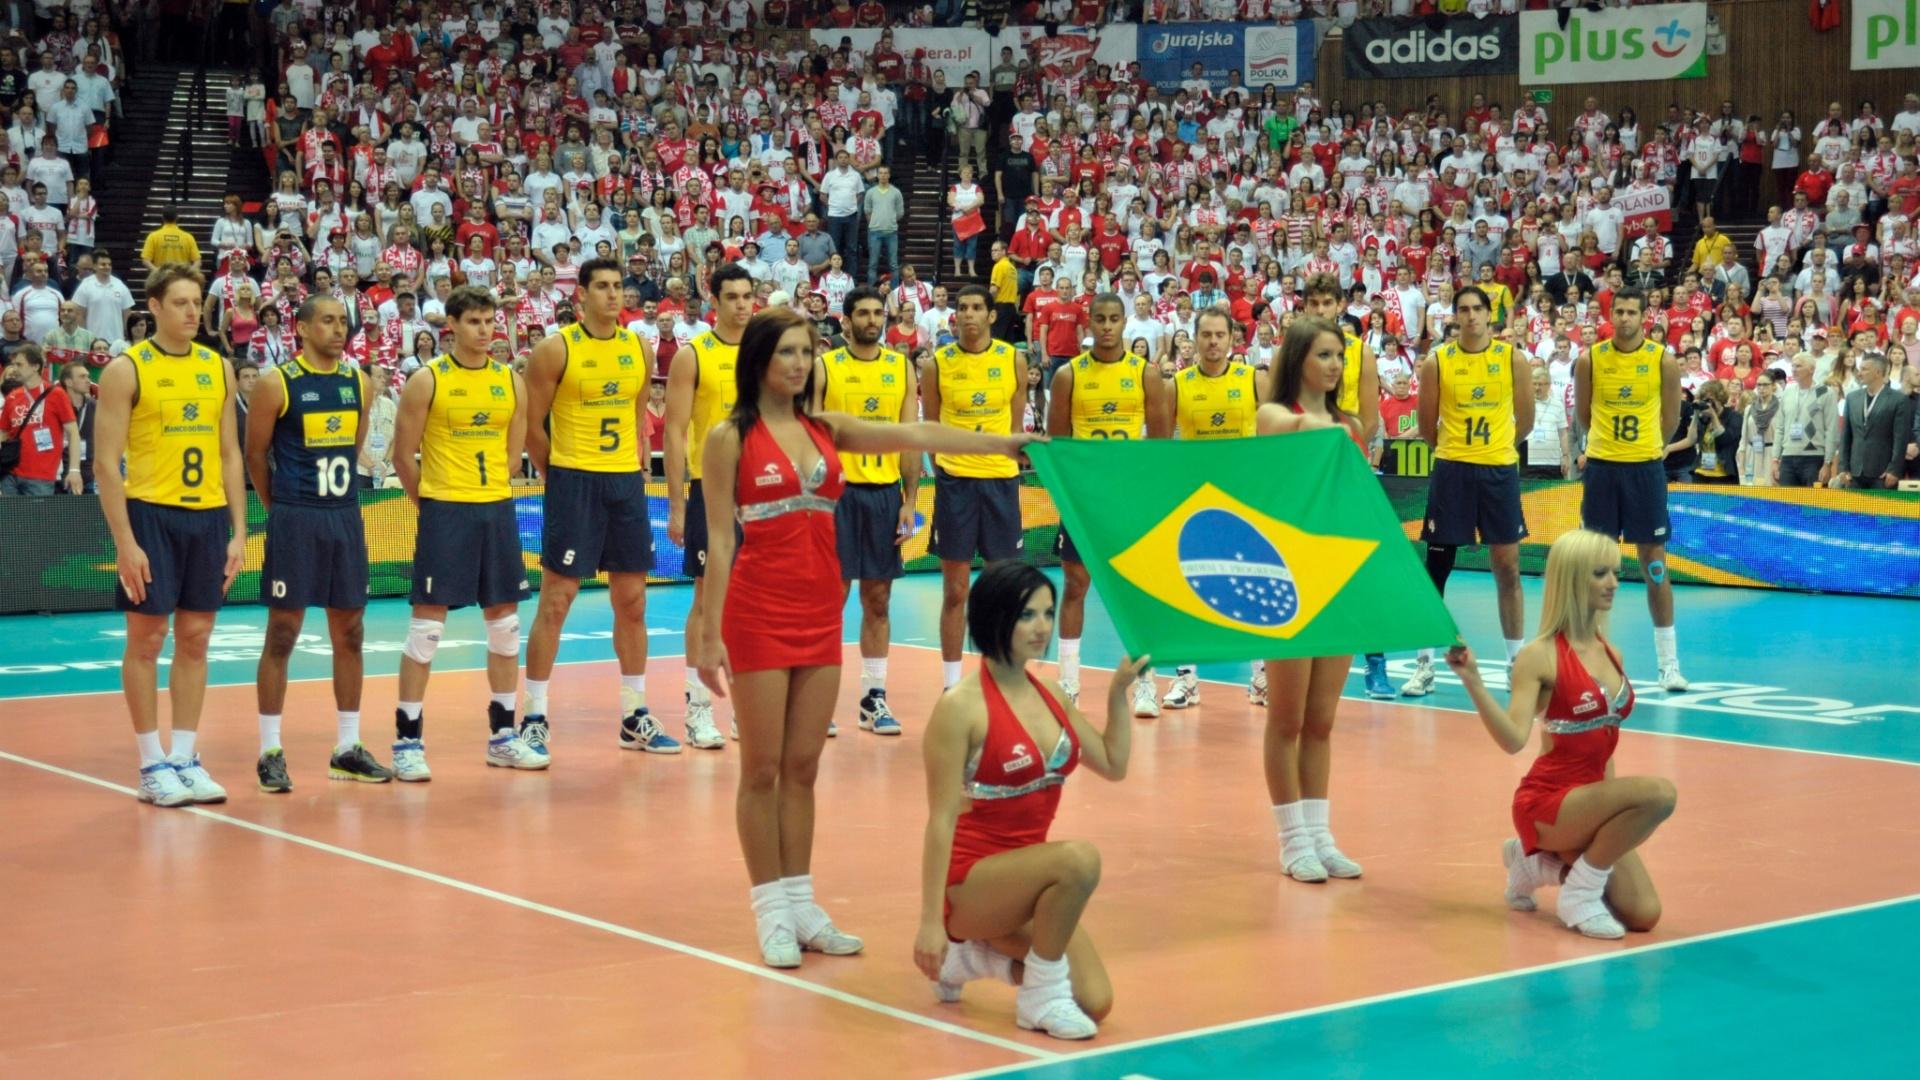 Brasileiros alinhados antes do início do jogo contra a Polônia pela Liga Mundial de vôlei